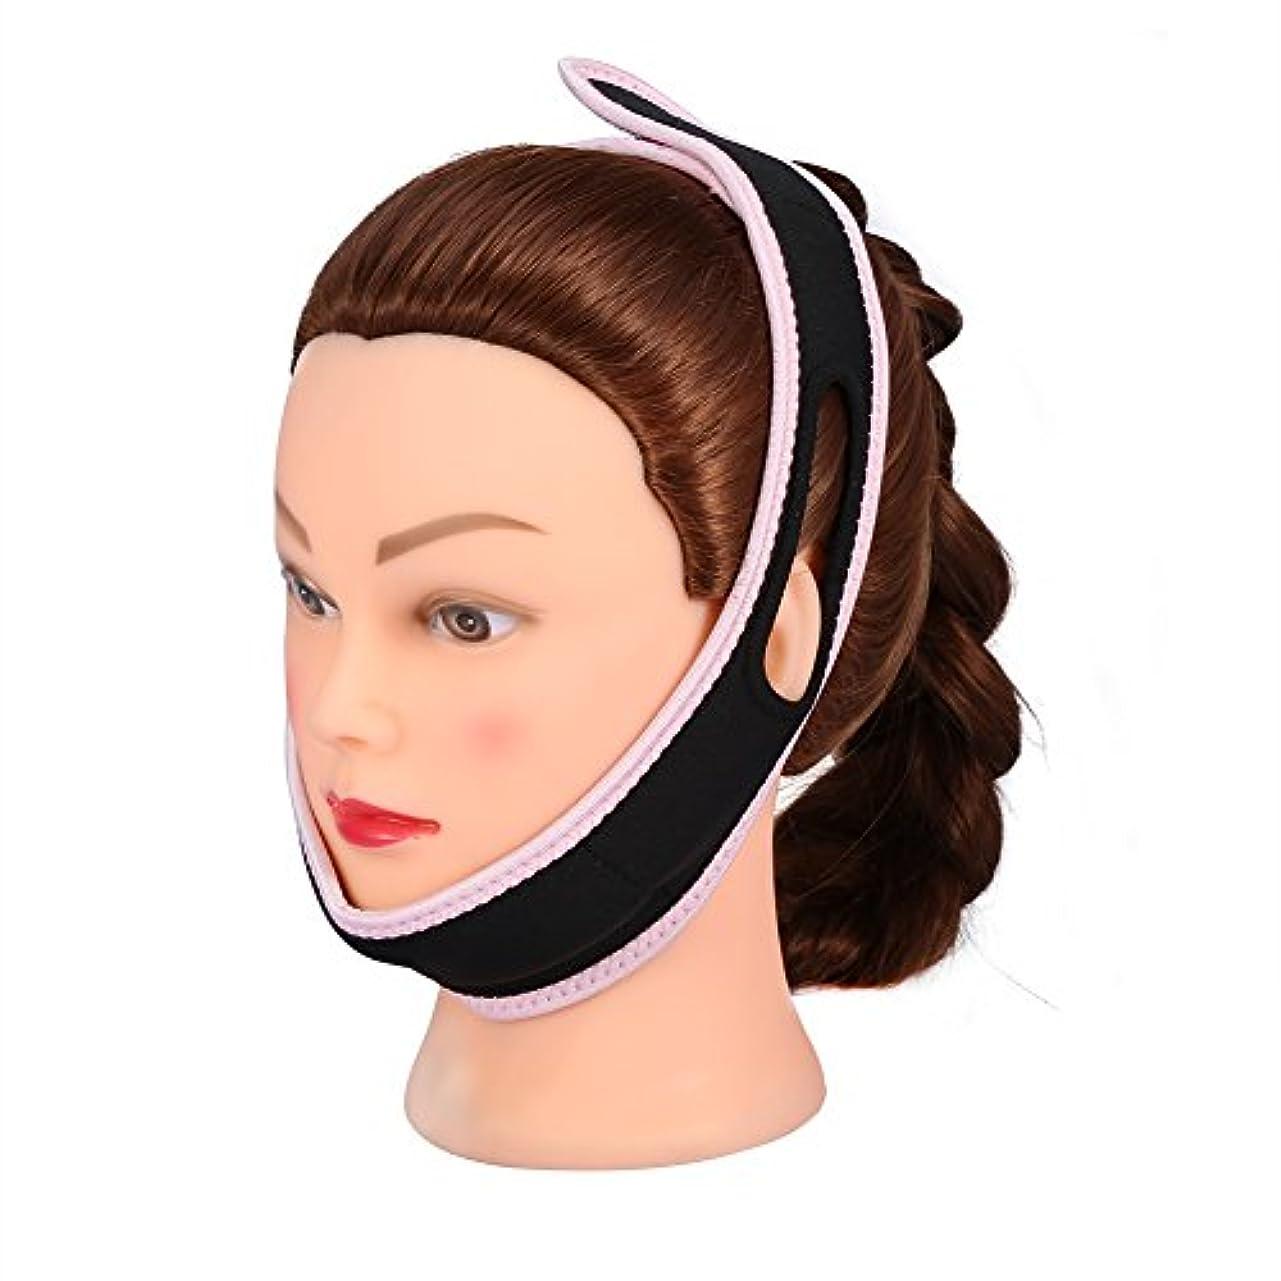 物理的な触覚壮大な顔の包帯フェイシャルスリミングマスクナイロン&ポリエステルフェイスケアのための薄い首の顔リフトダブルチン女性、黒